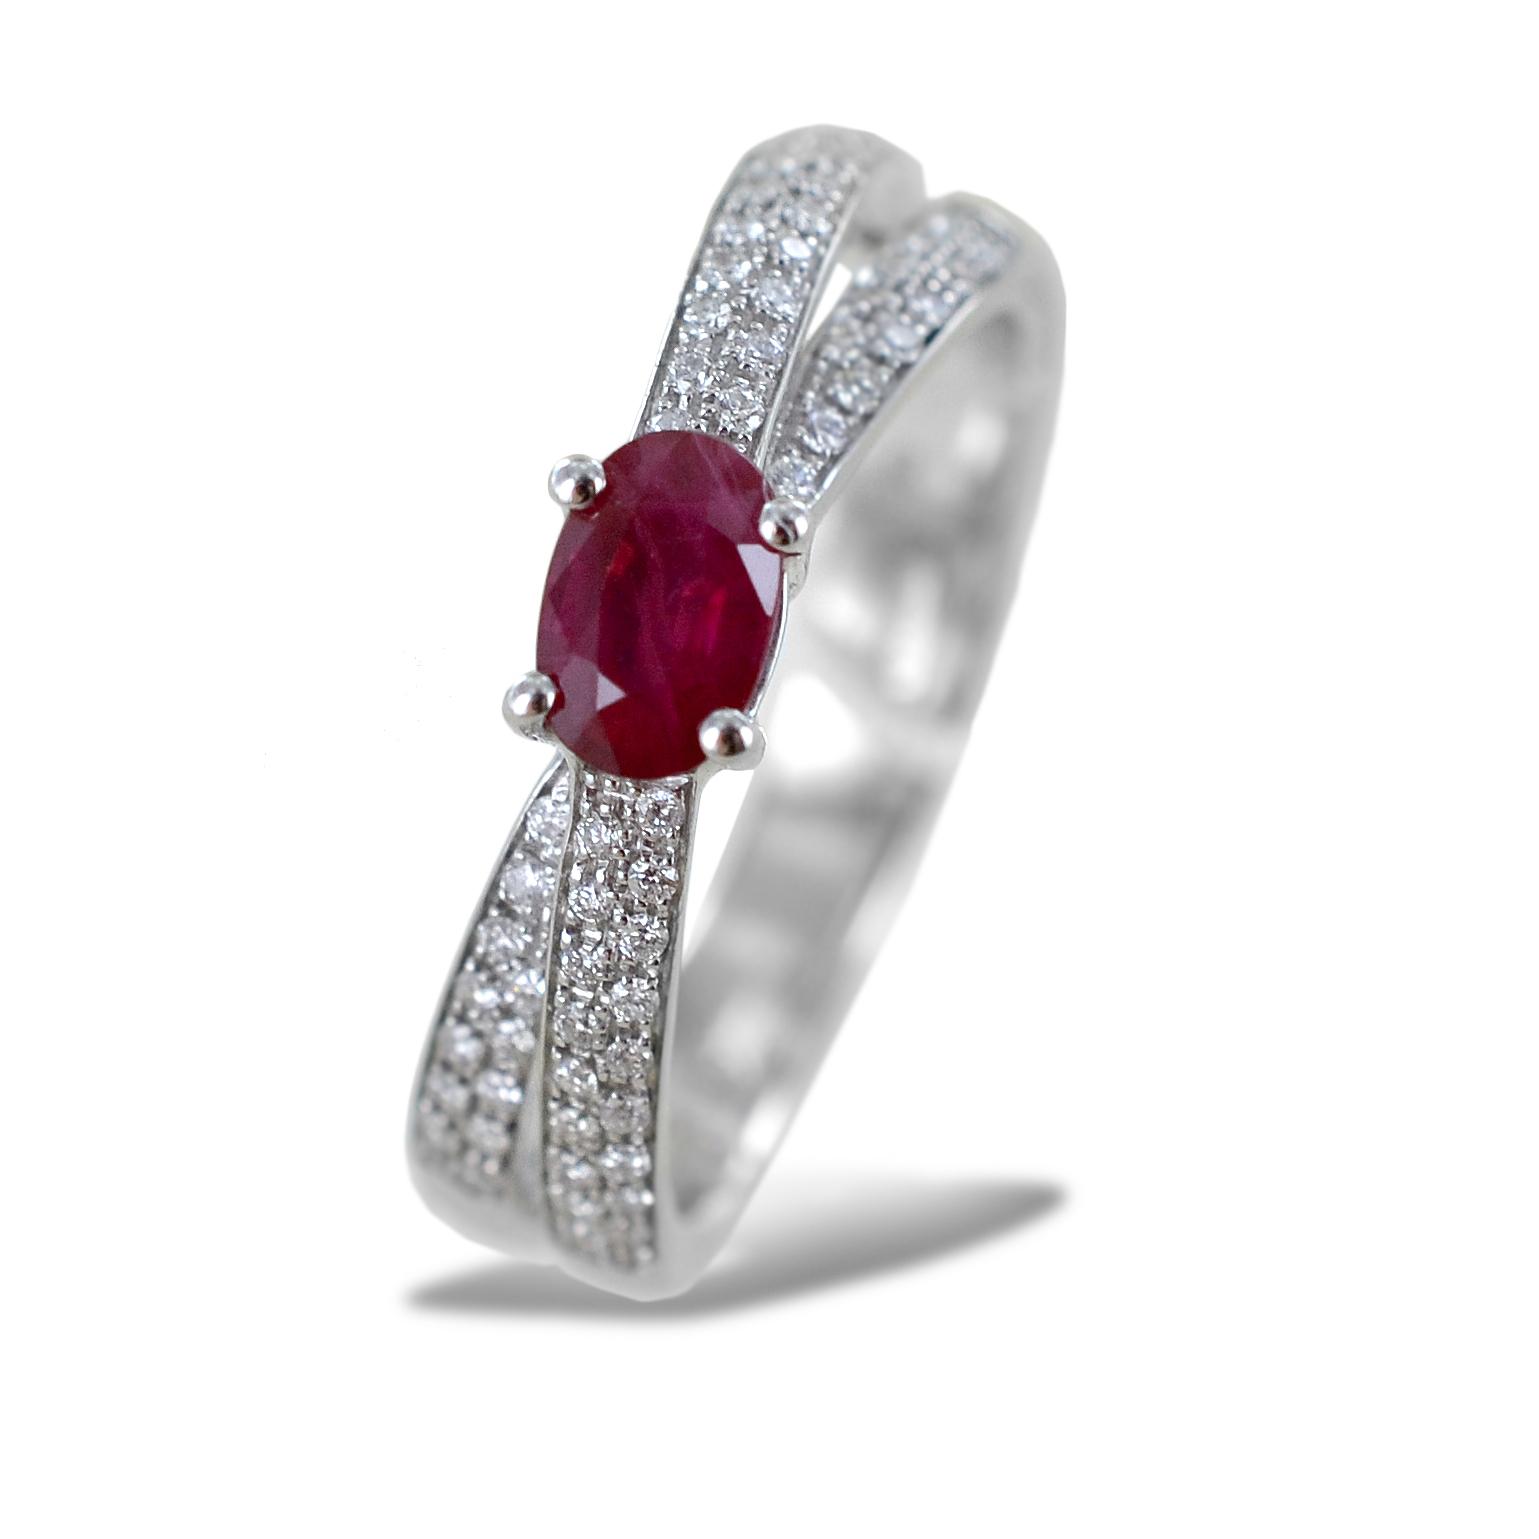 Anello con Rubino Birmania ct 0.61 e doppia fascia di diamanti sul gambo